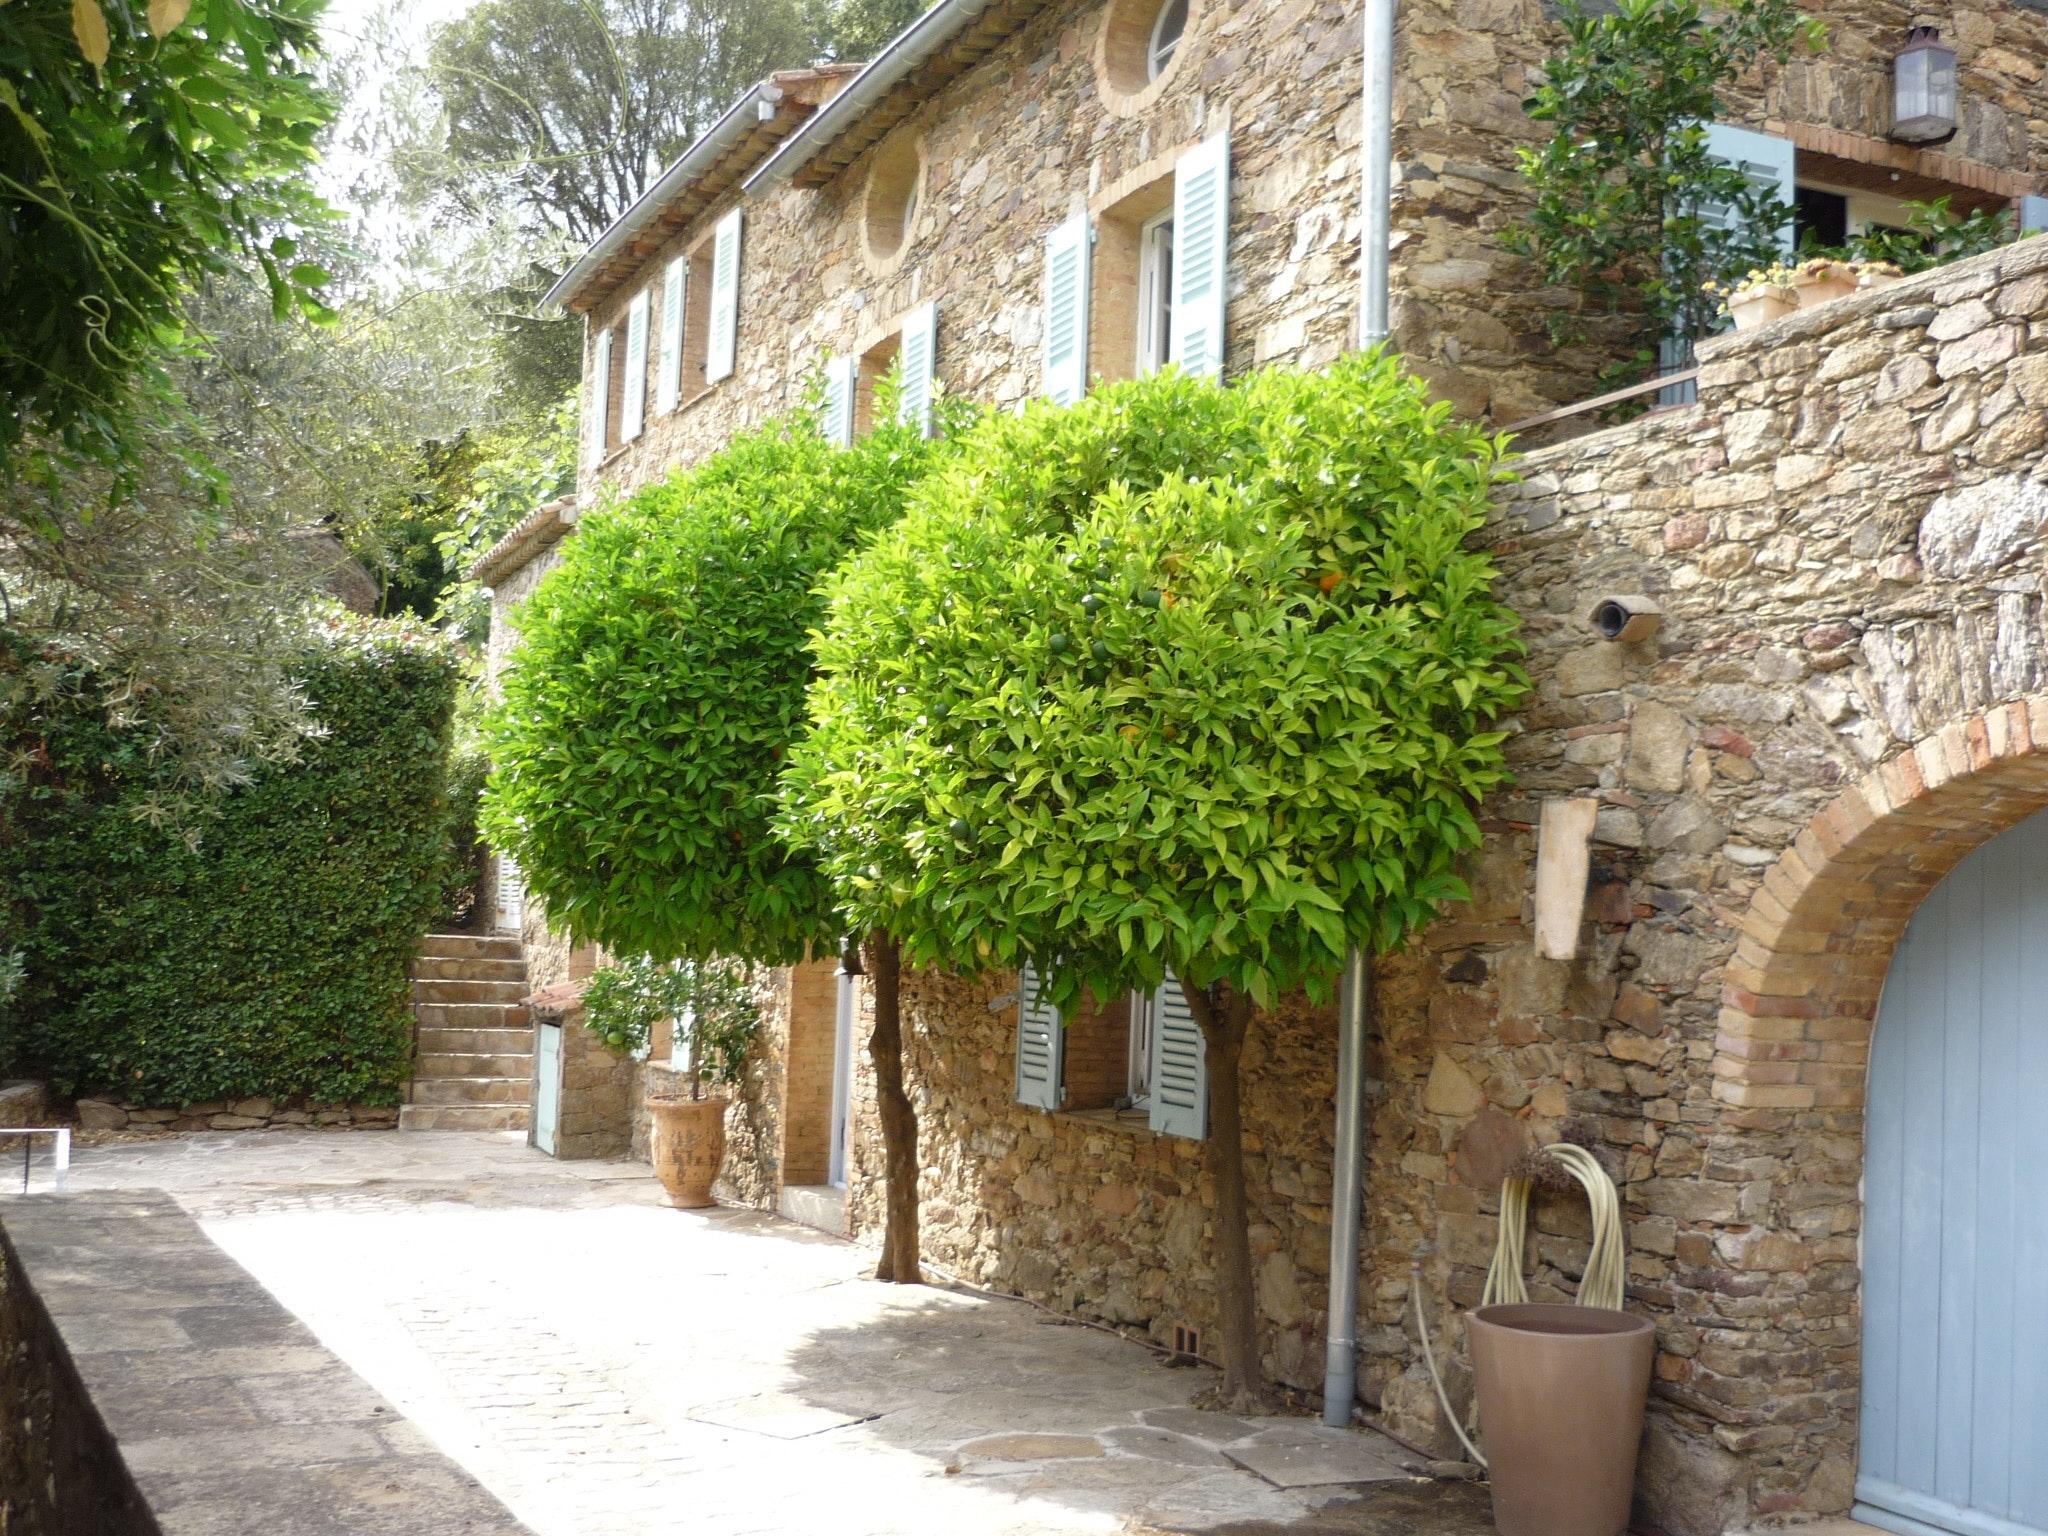 Maison de vacances Villa mit 5 Zimmern in La Garde-Freinet mit privatem Pool, Garten und W-LAN - 20 km vom St (2339879), La Garde Freinet, Côte d'Azur, Provence - Alpes - Côte d'Azur, France, image 4